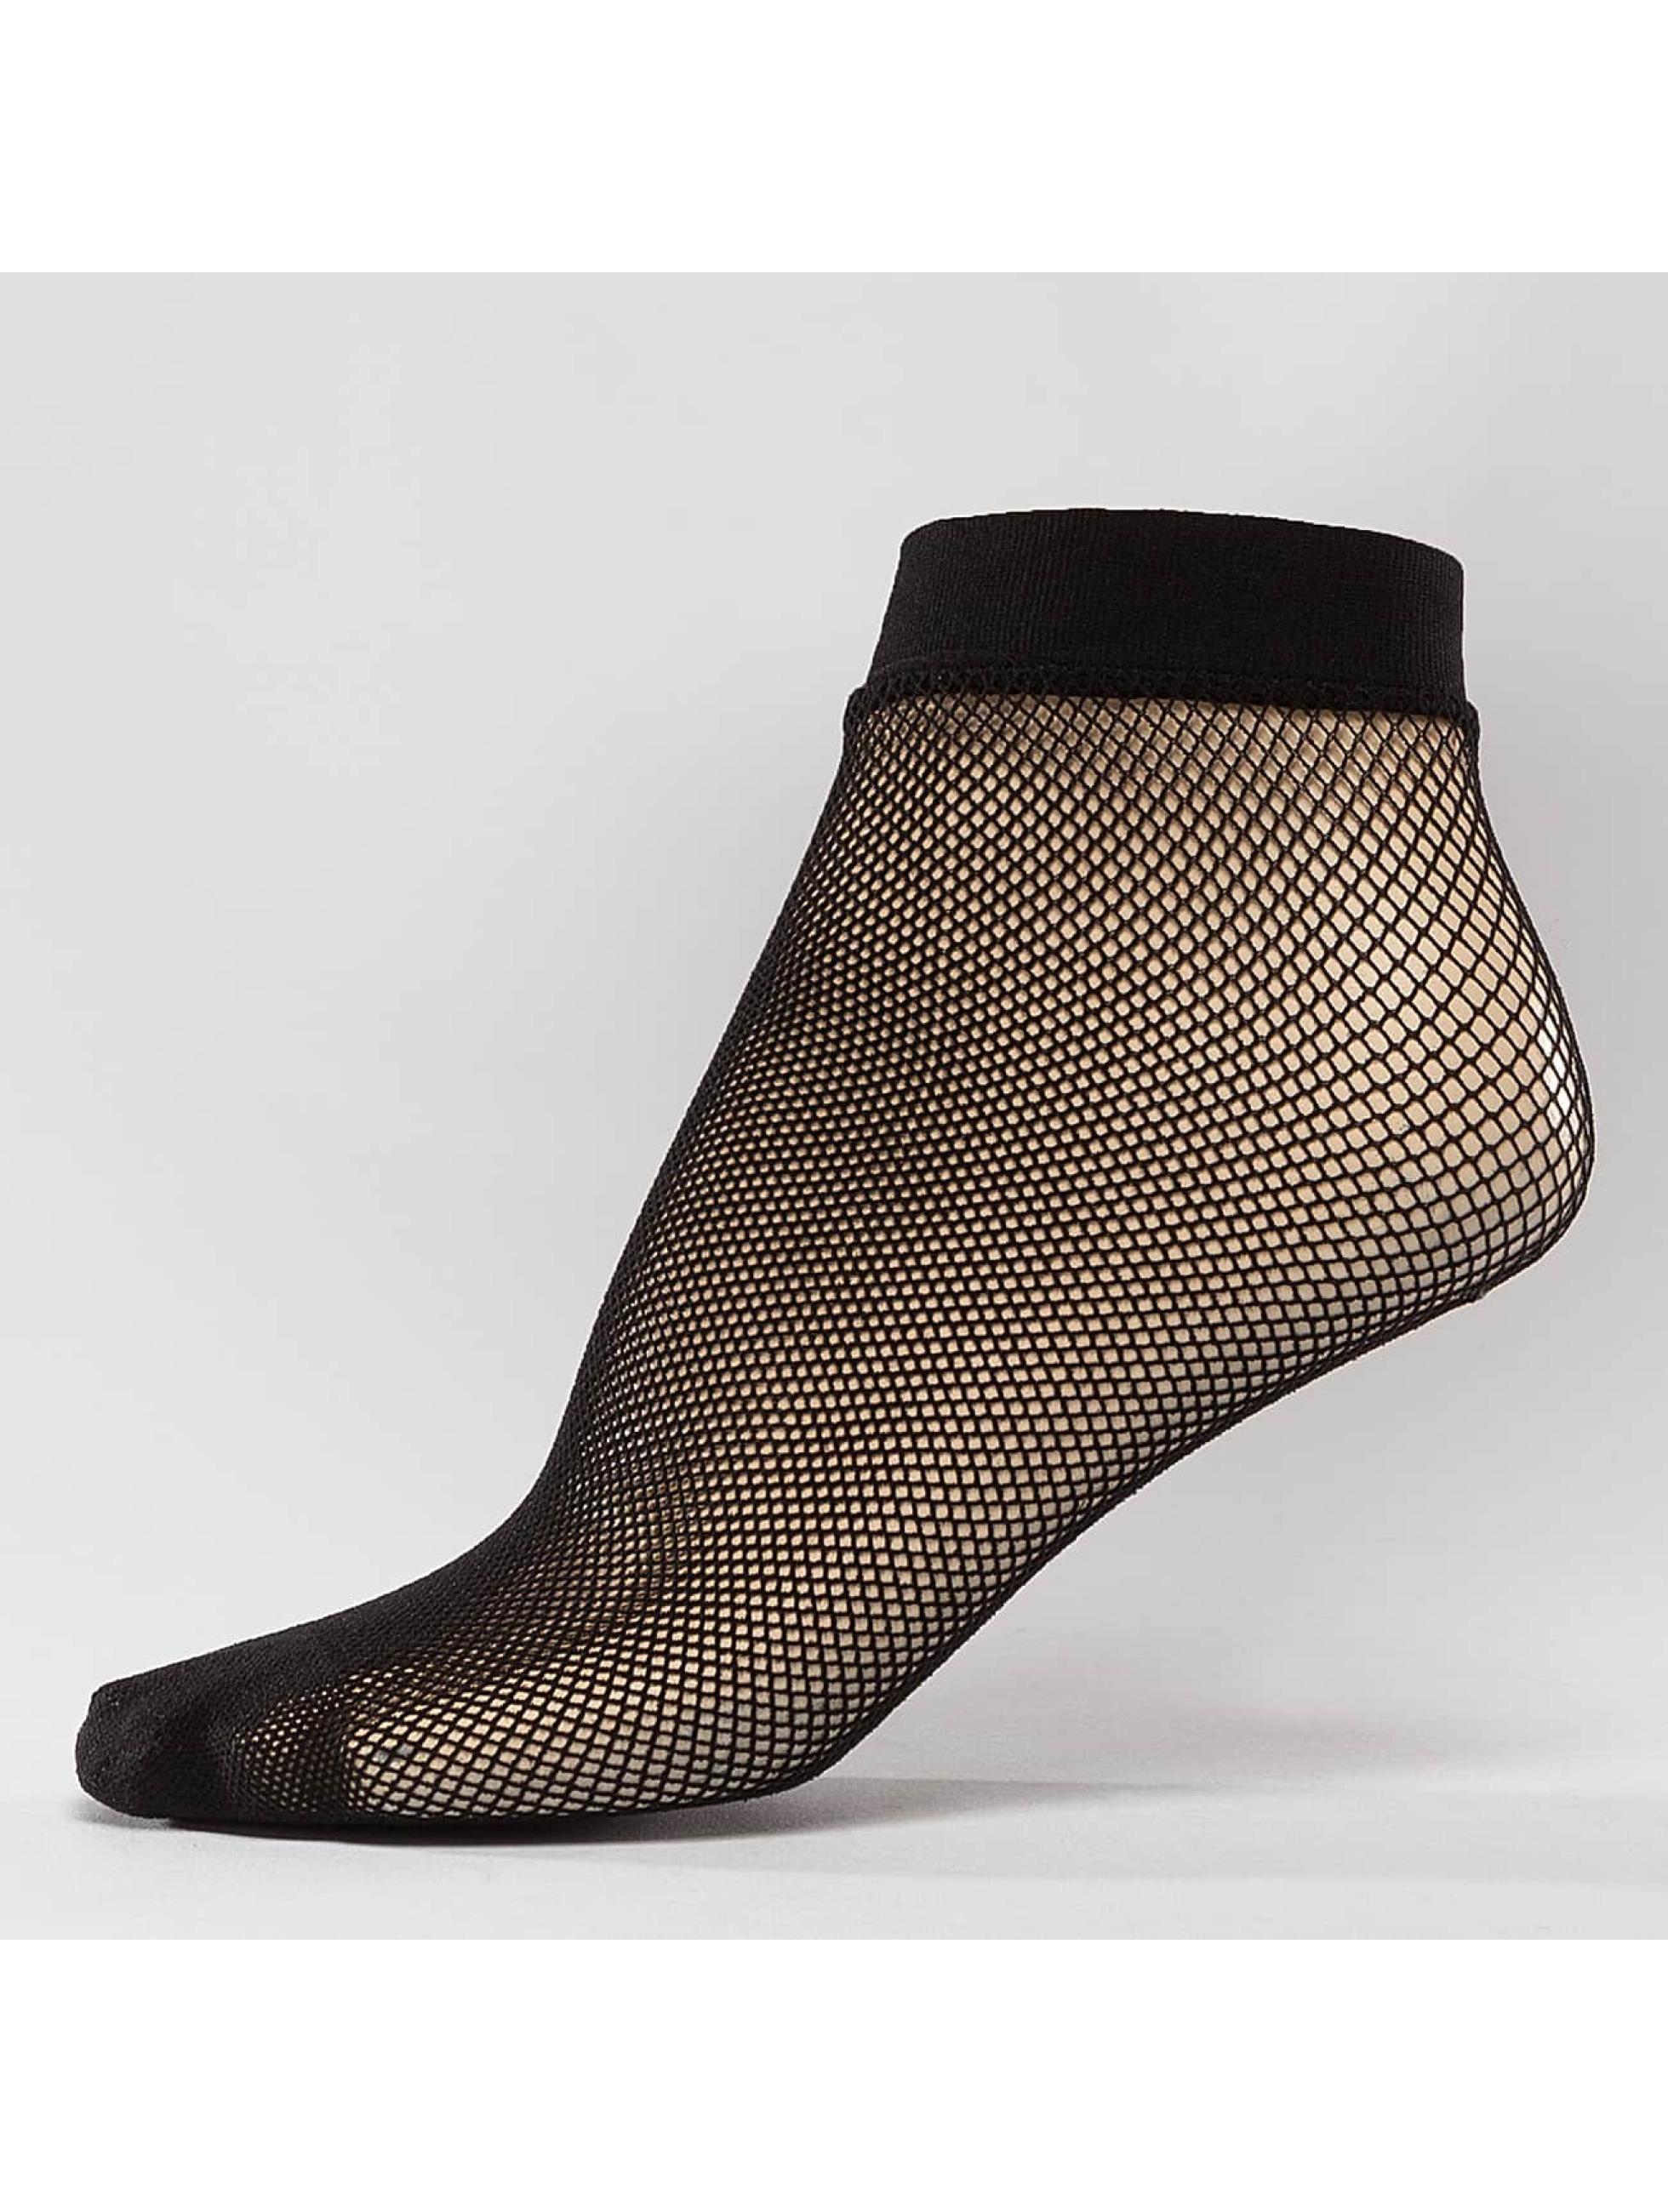 Hailys Chaussettes Fishnet noir